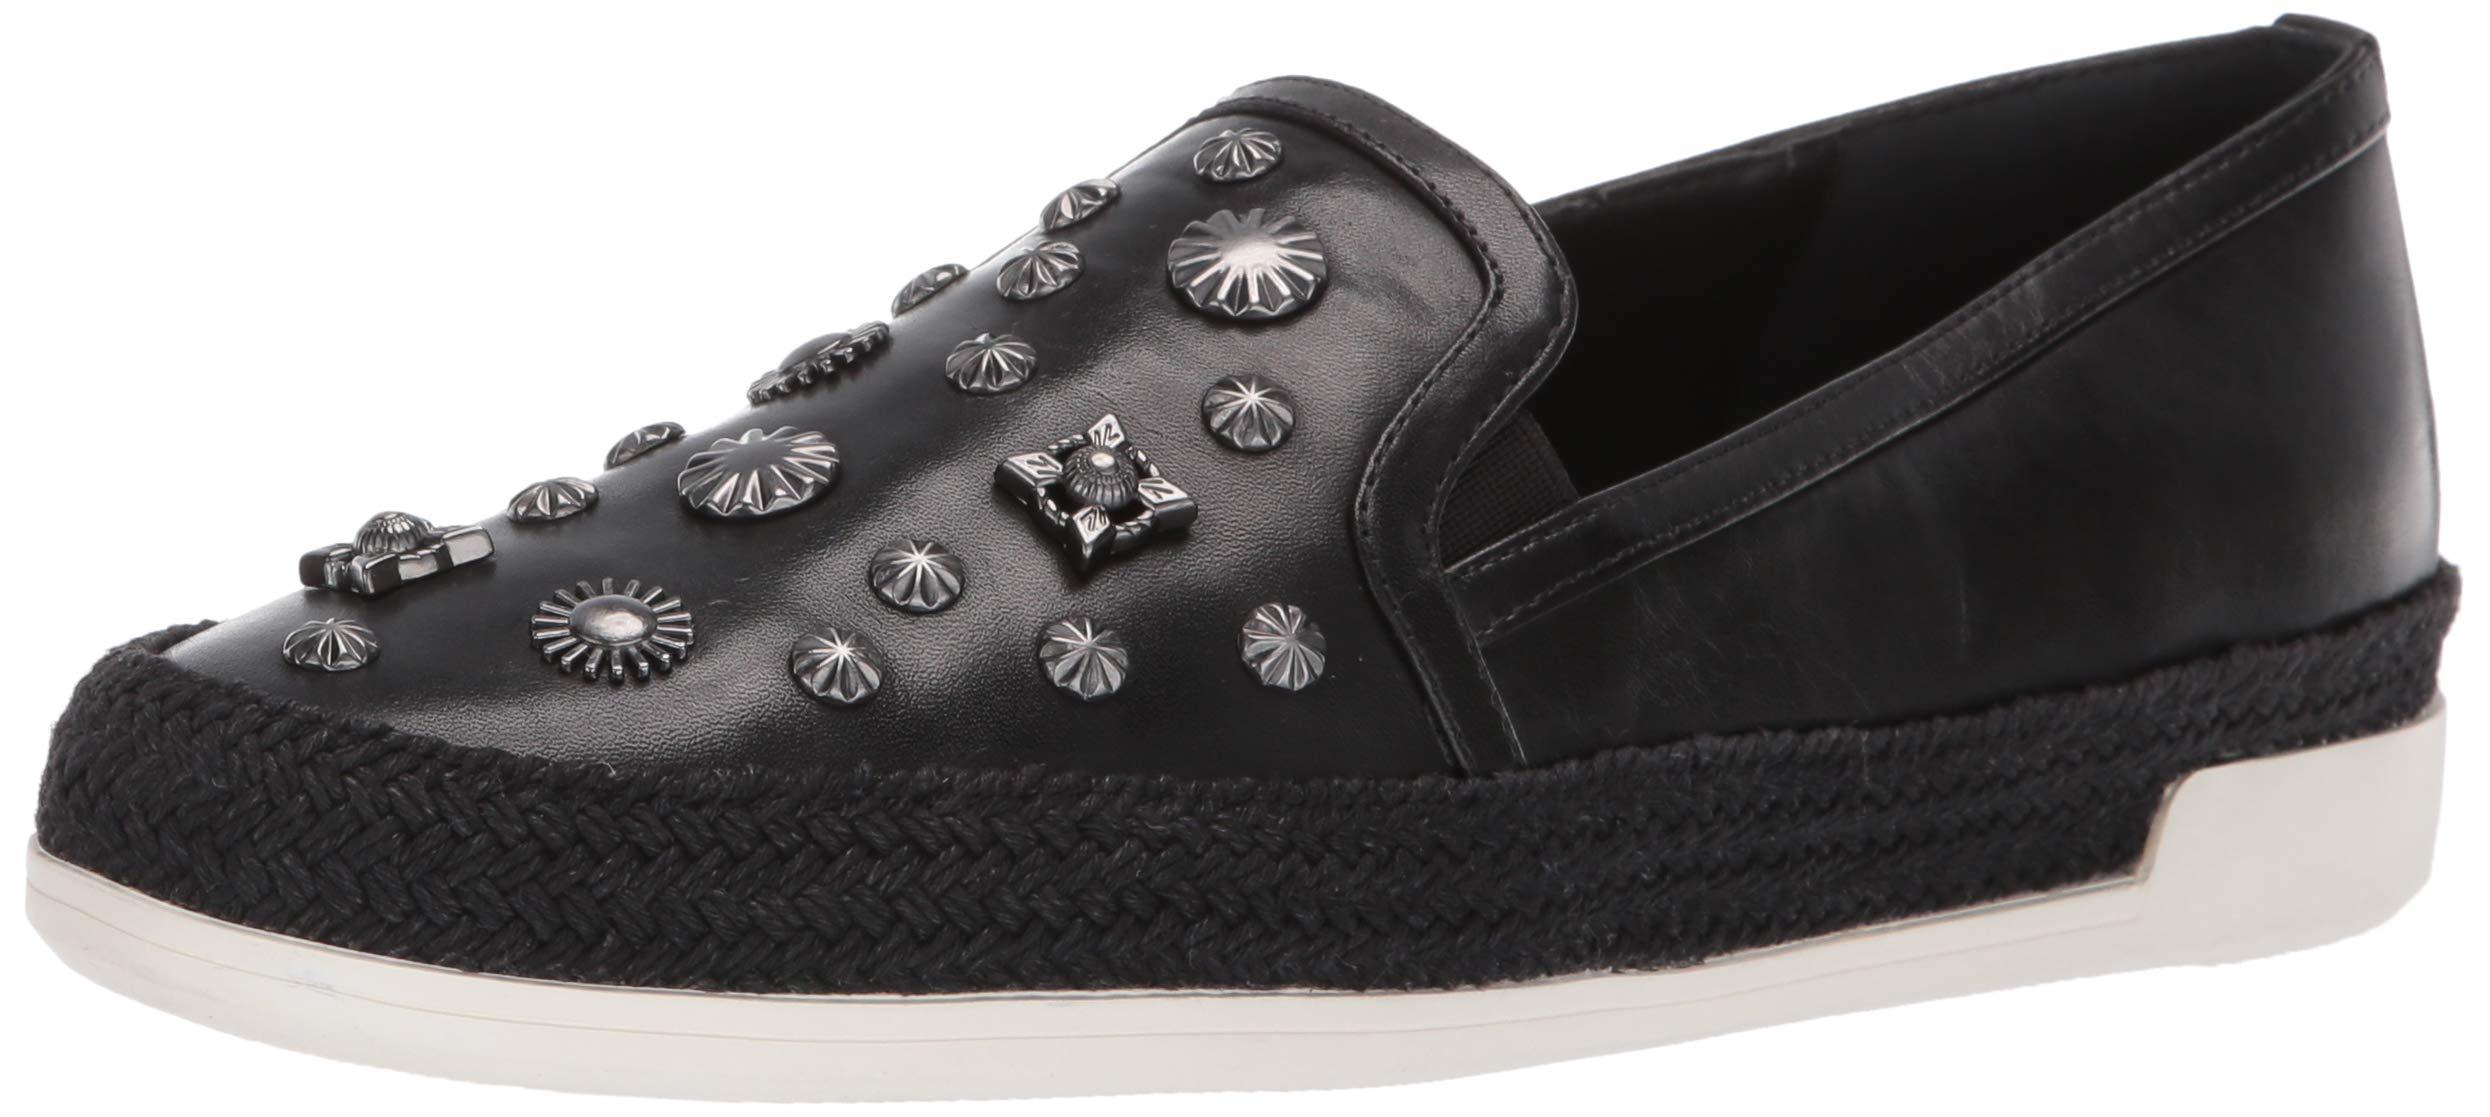 Donald J Pliner Women's PAMELASP01 Loafer Flat Black 7 B US by Donald J Pliner